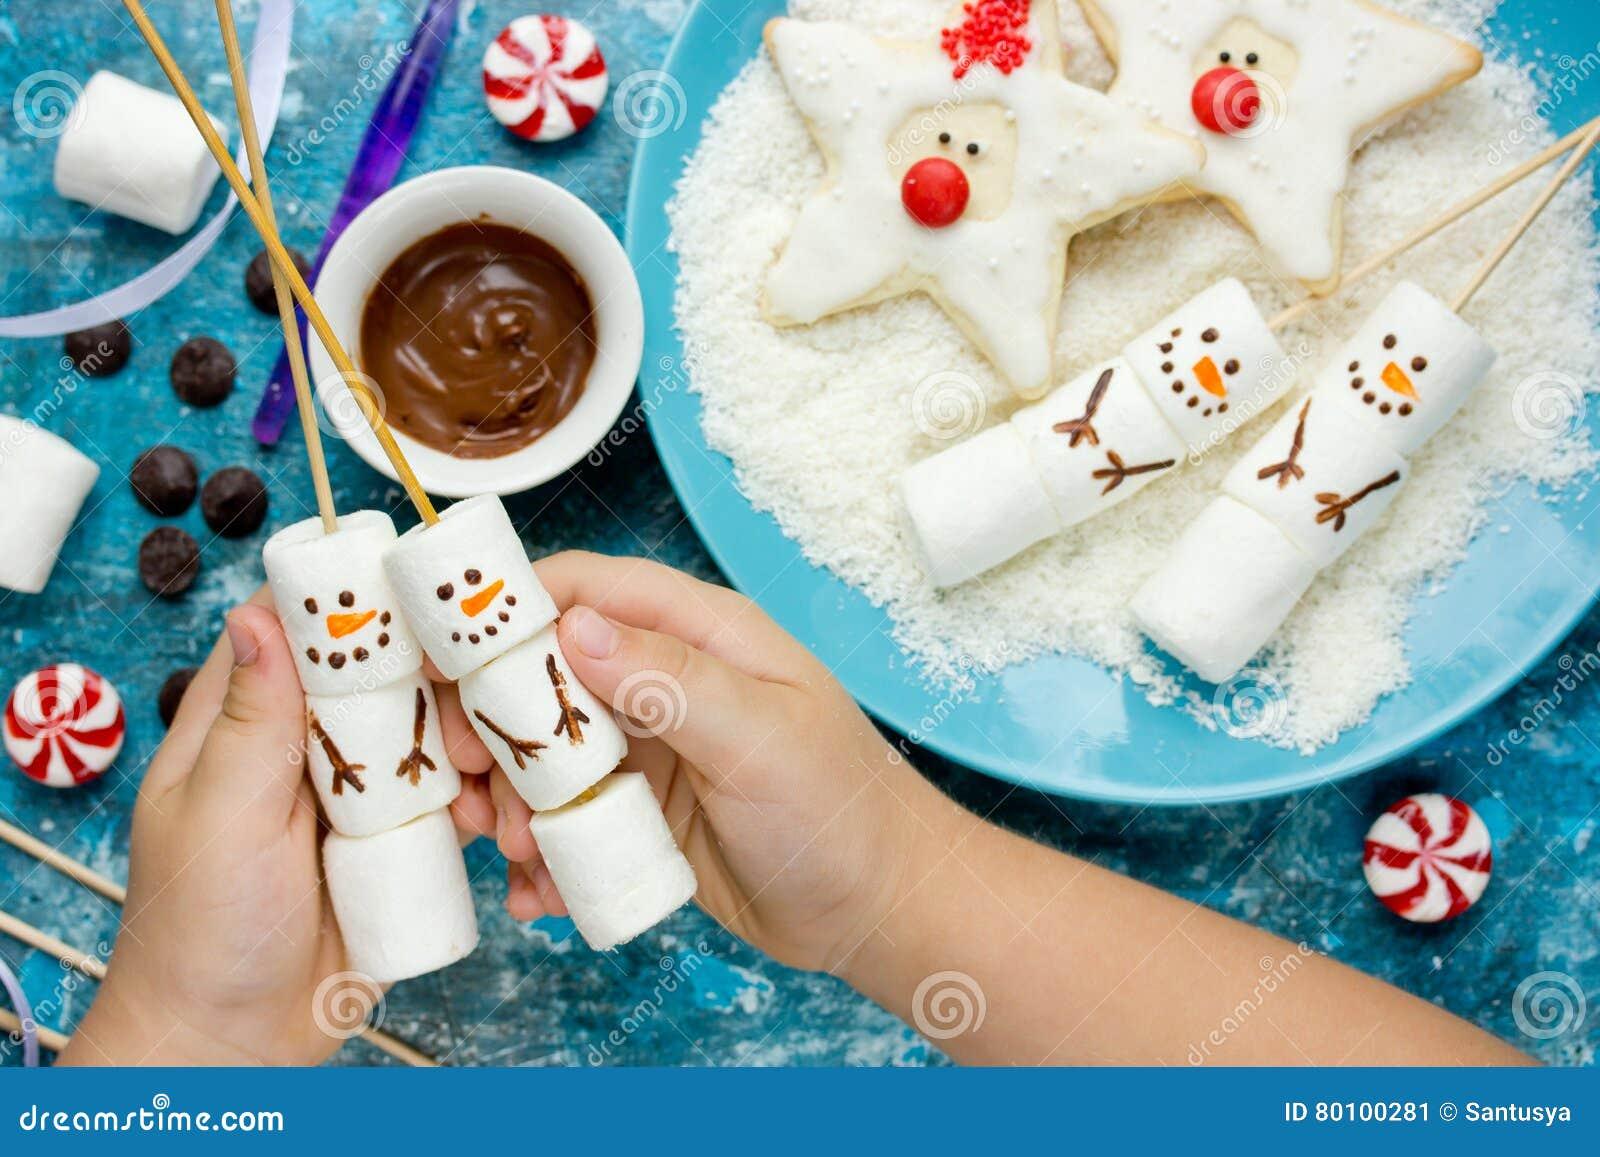 Ideia criativa tratar crianças para a festa de Natal - pântano caseiro